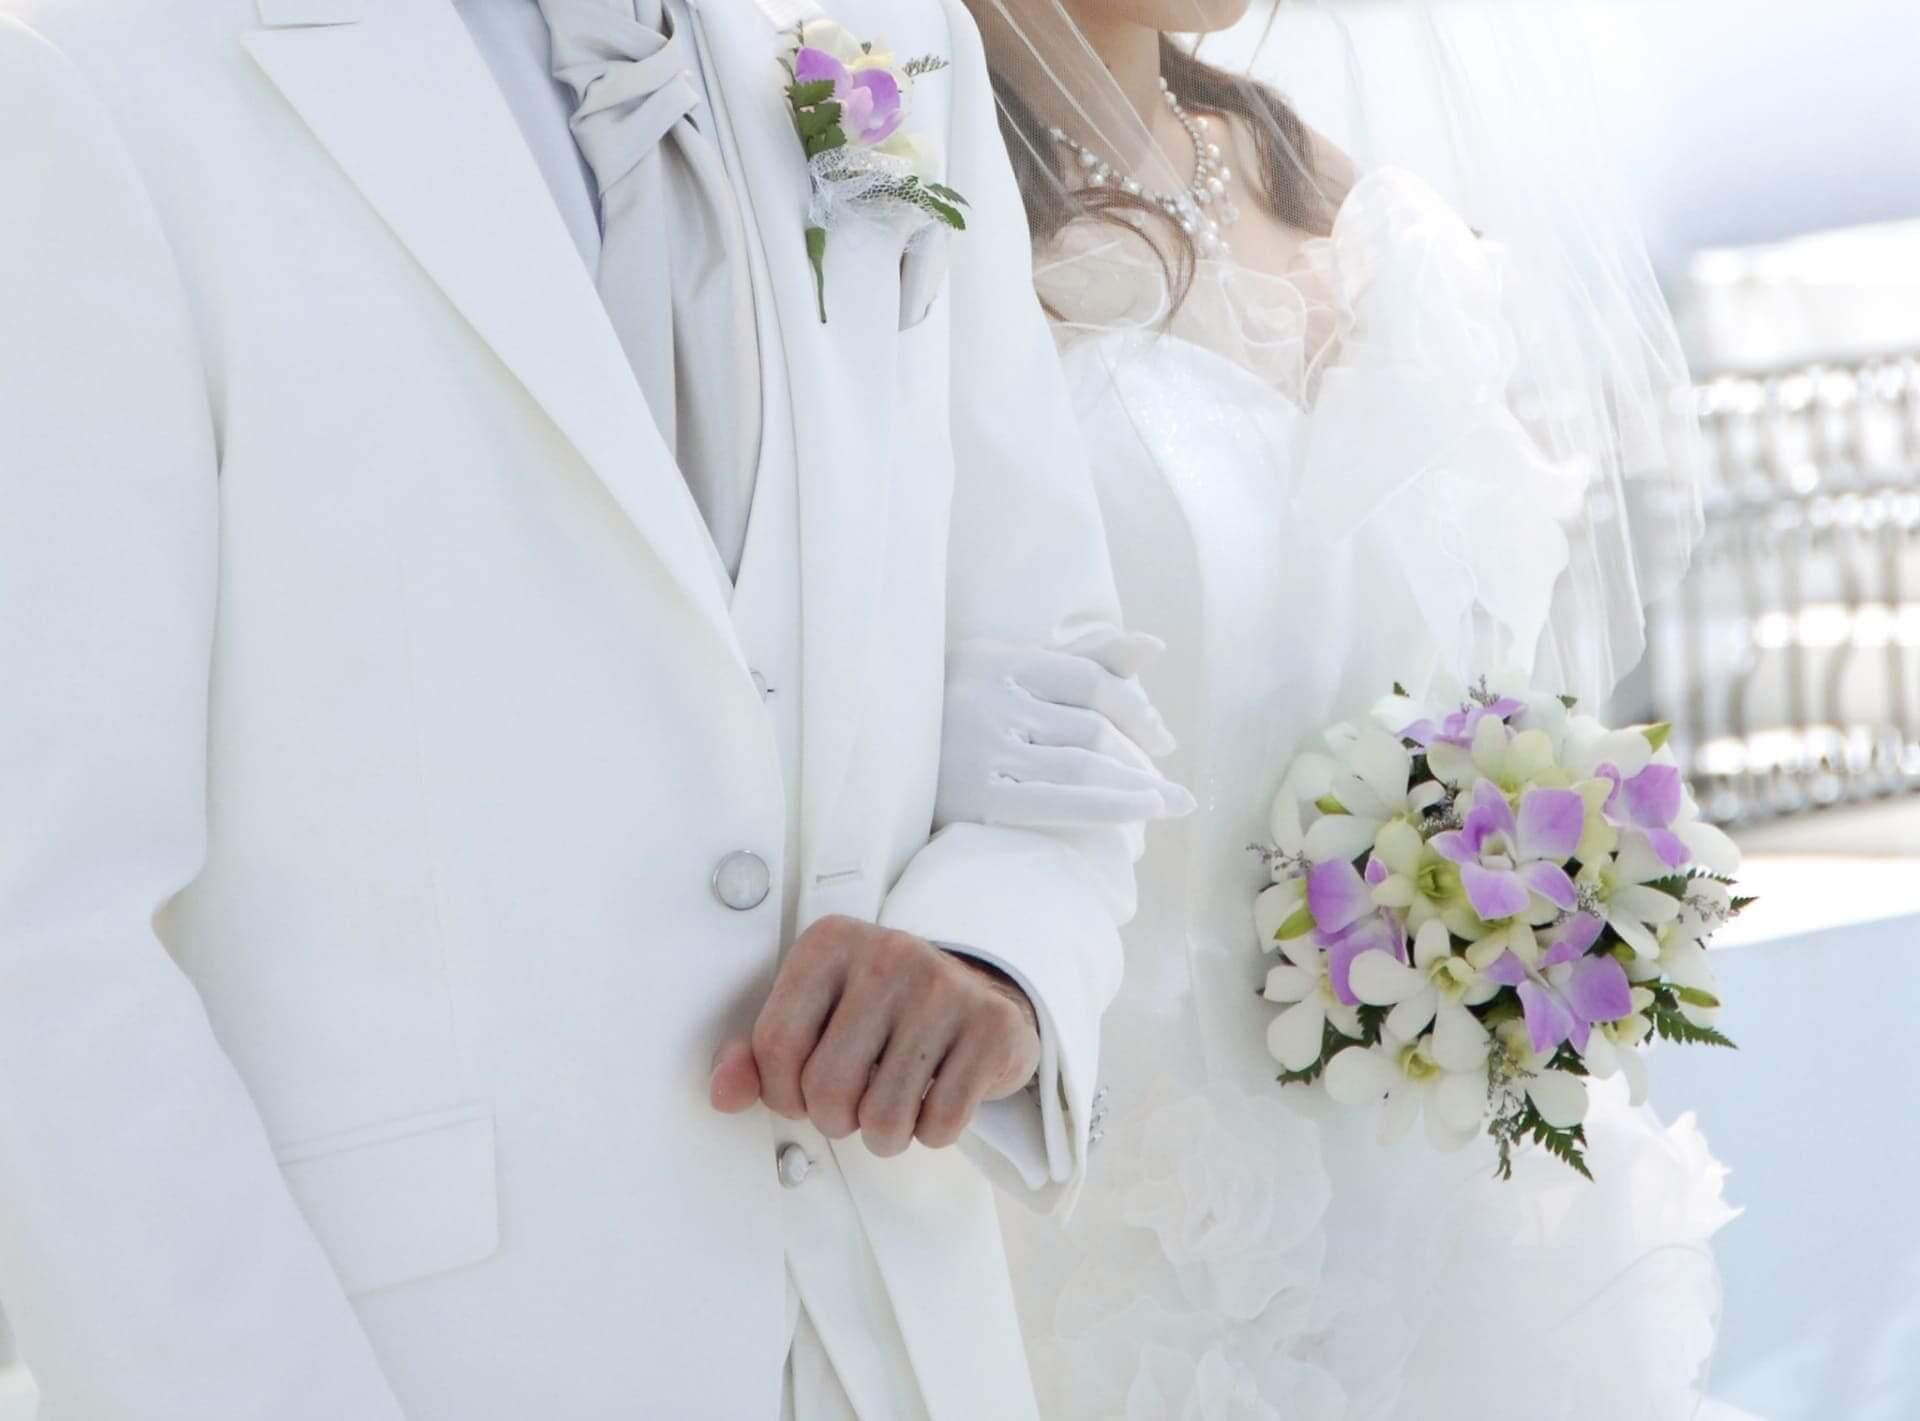 結婚占い|誕生日で占う【あなたの運命の相手】はいる?既に出会っている?